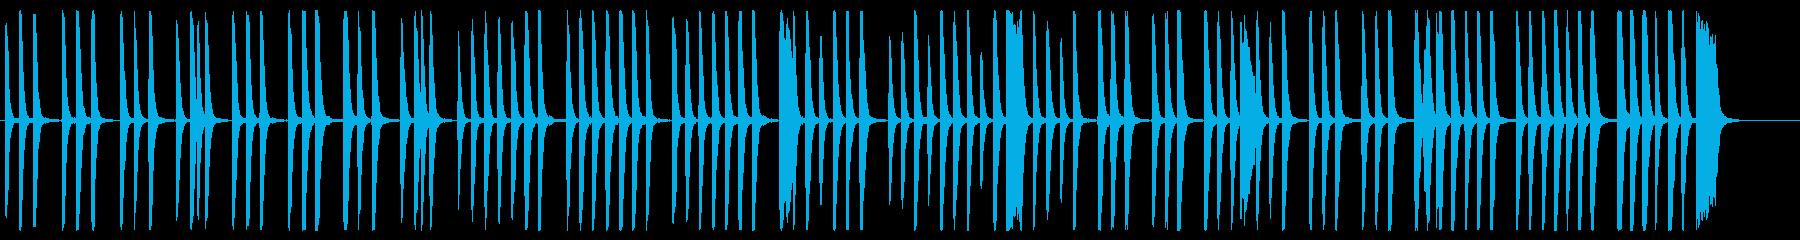 優しくシンプルでリズミカルなピアノの調べの再生済みの波形